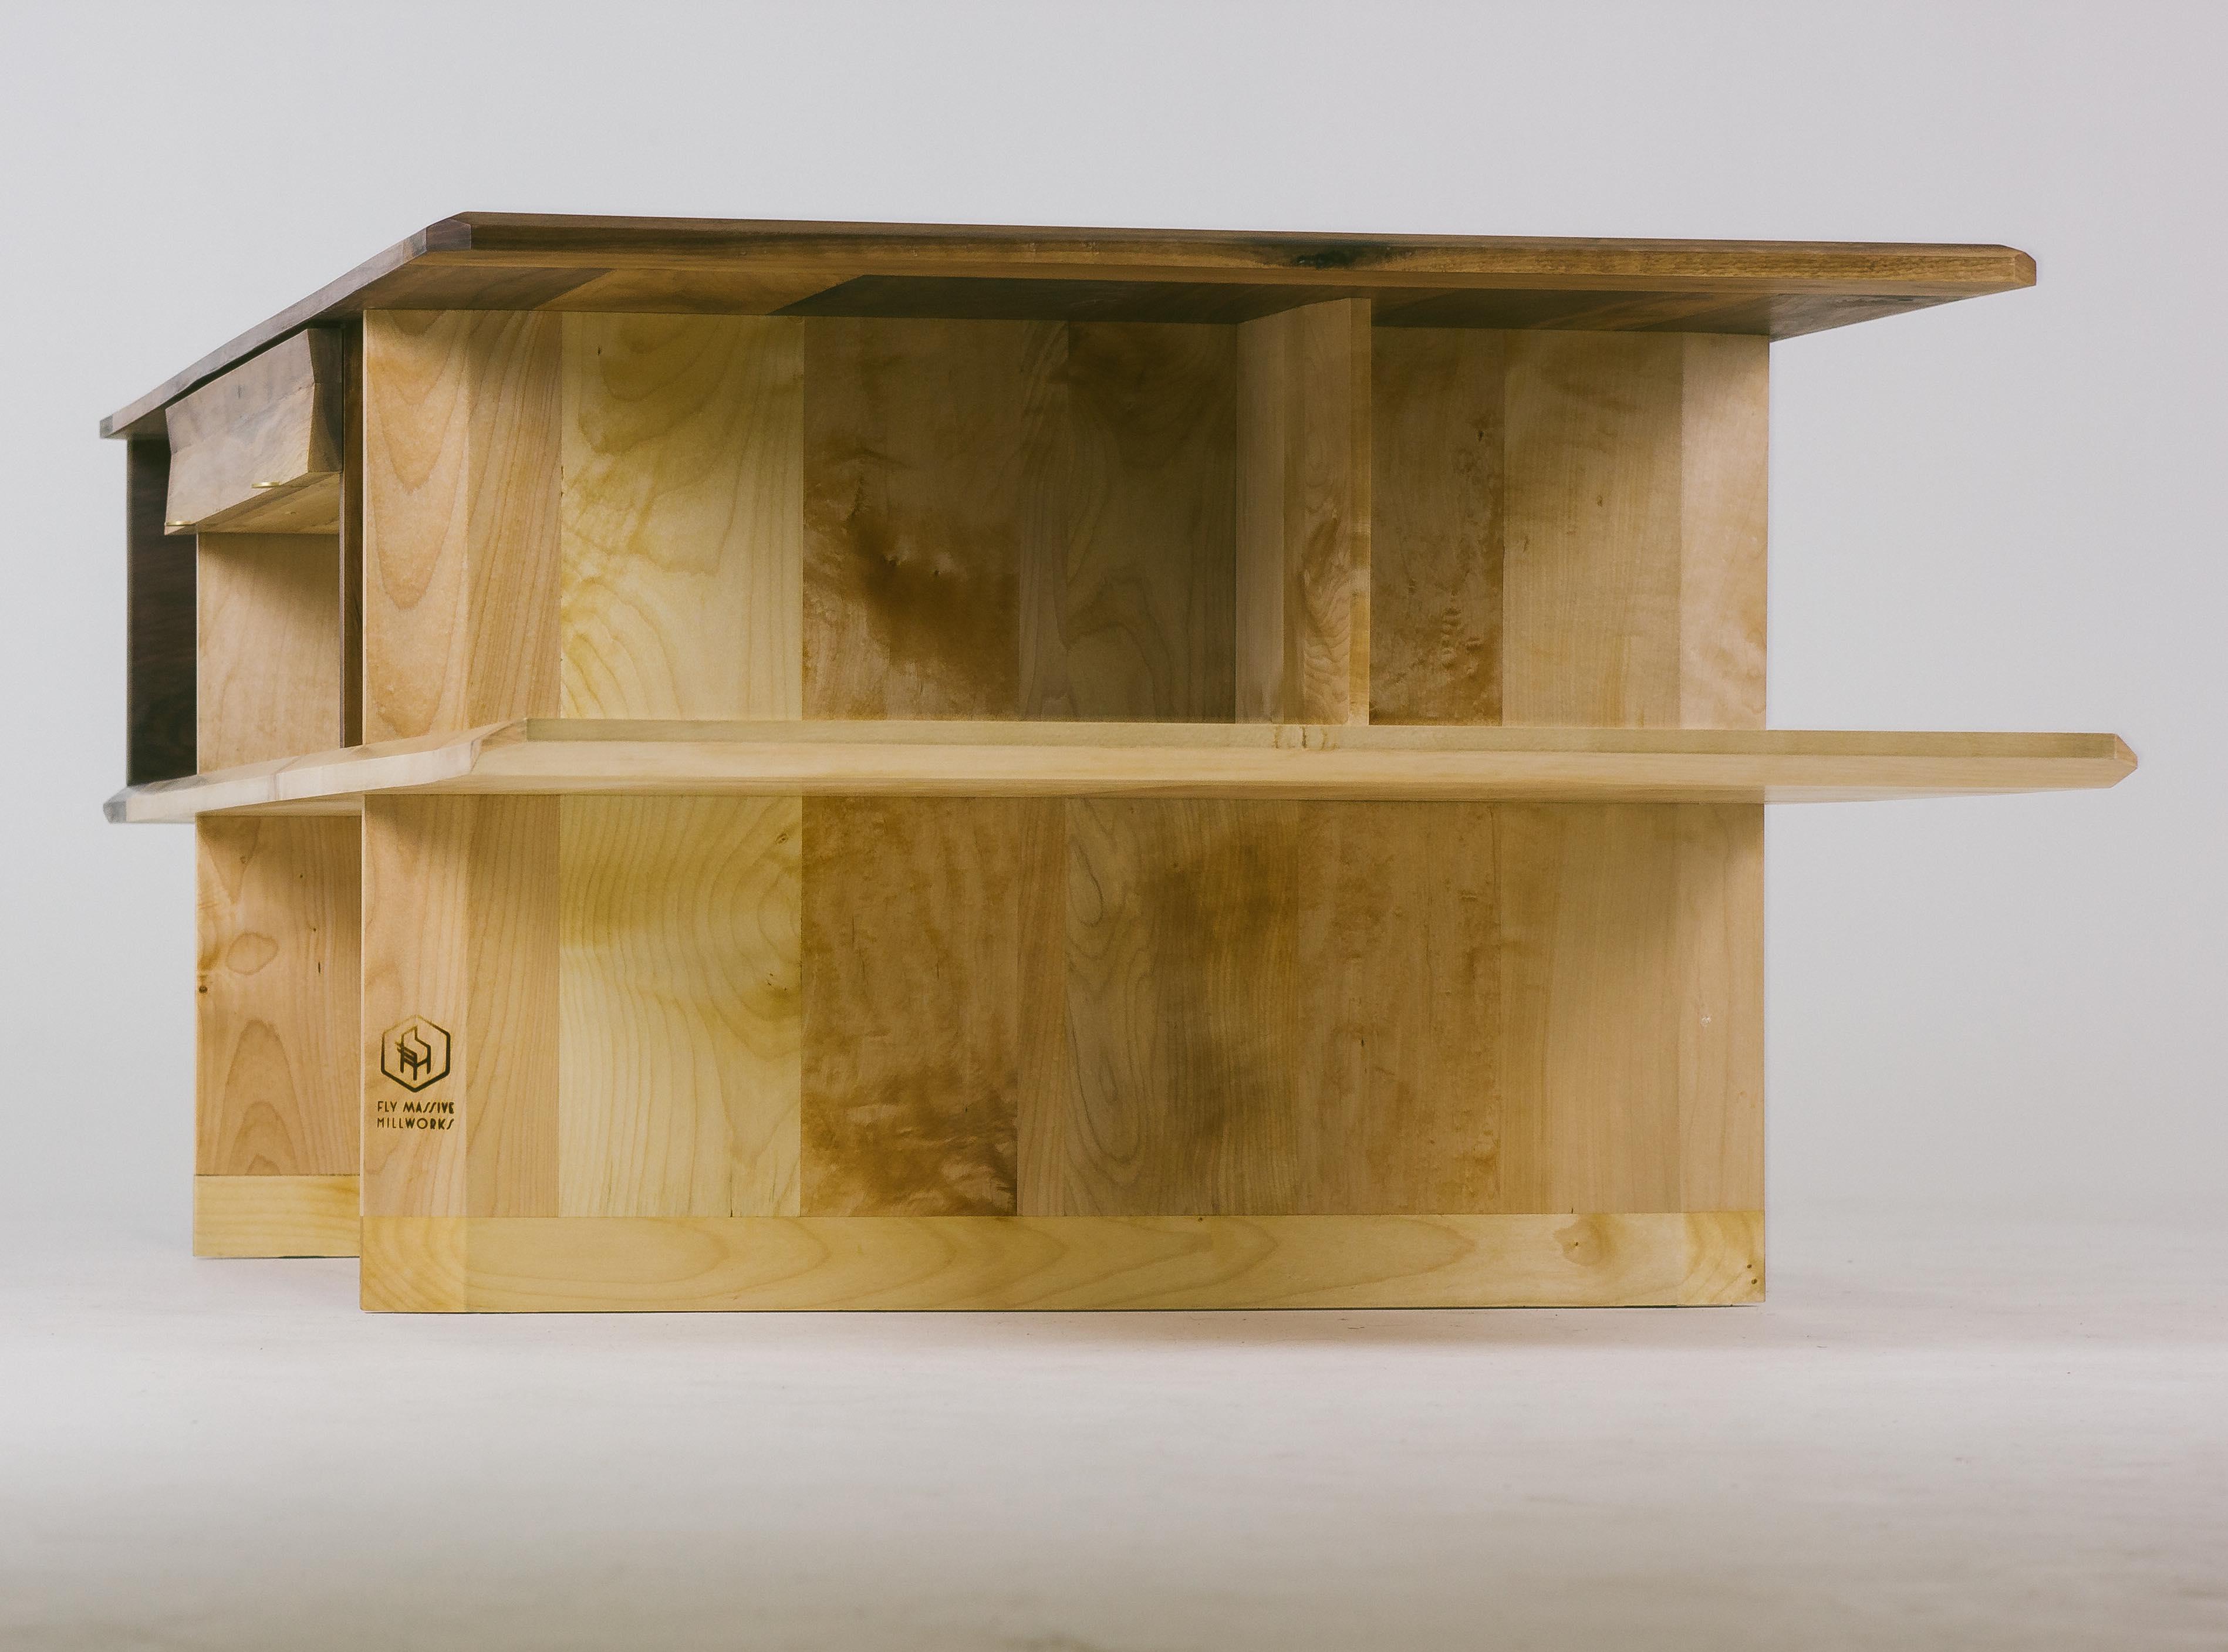 Журнальный стол Argosy из массива клёна и американского ореха от Fly Massive Millworks